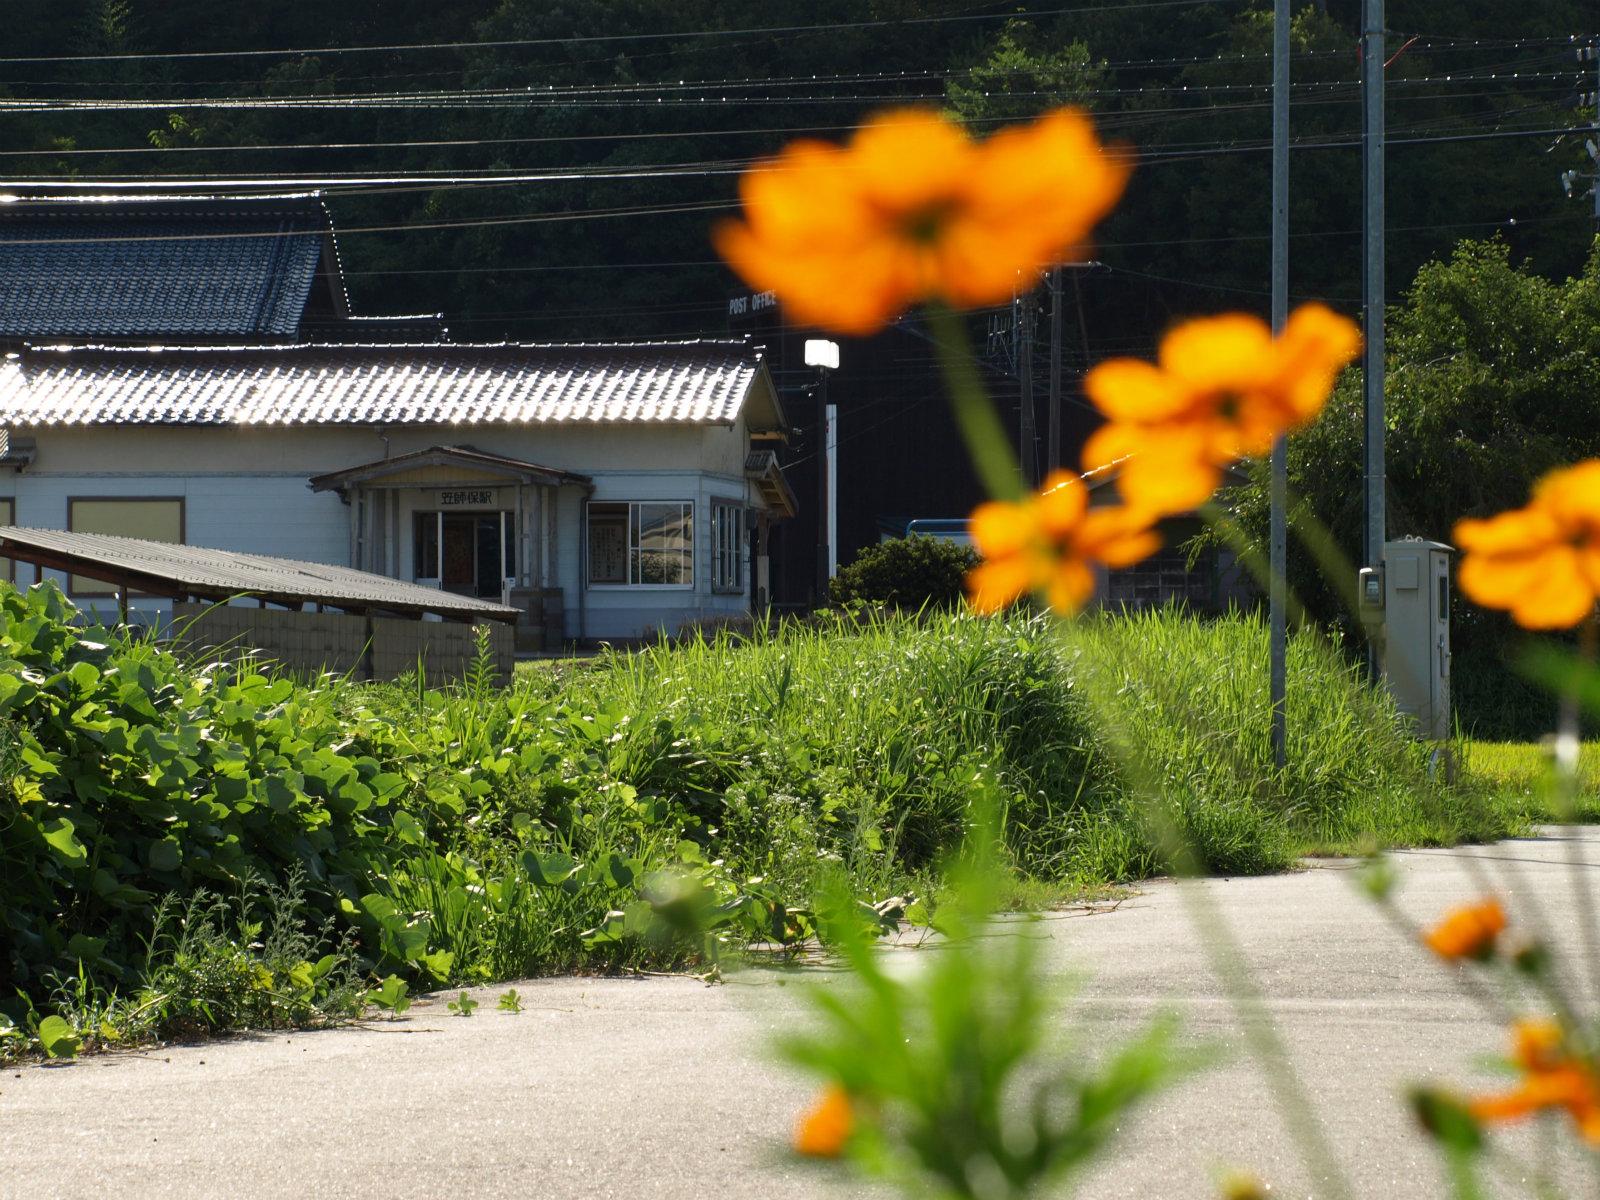 時期は8月半ば。もうコスモスが咲き始めていました。